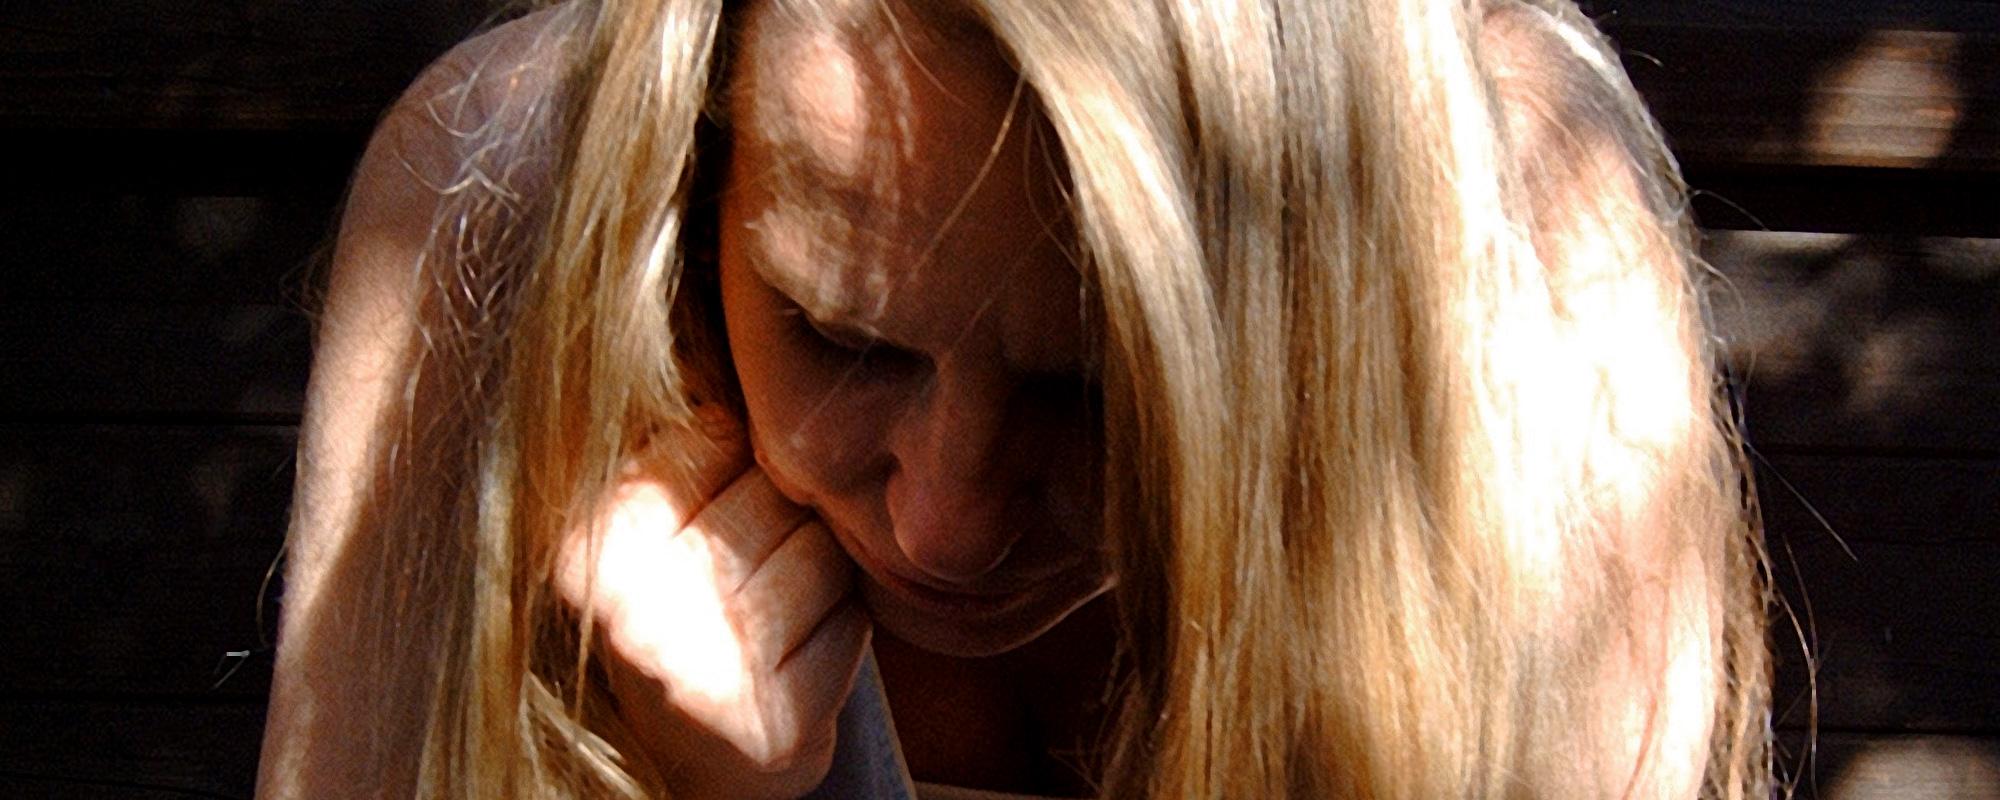 Emotionale Manipulation | Folgen | Therapie im Zentrum für ganzheitliche Traumatherapie | Heilpraktikerin Petra M. Quack